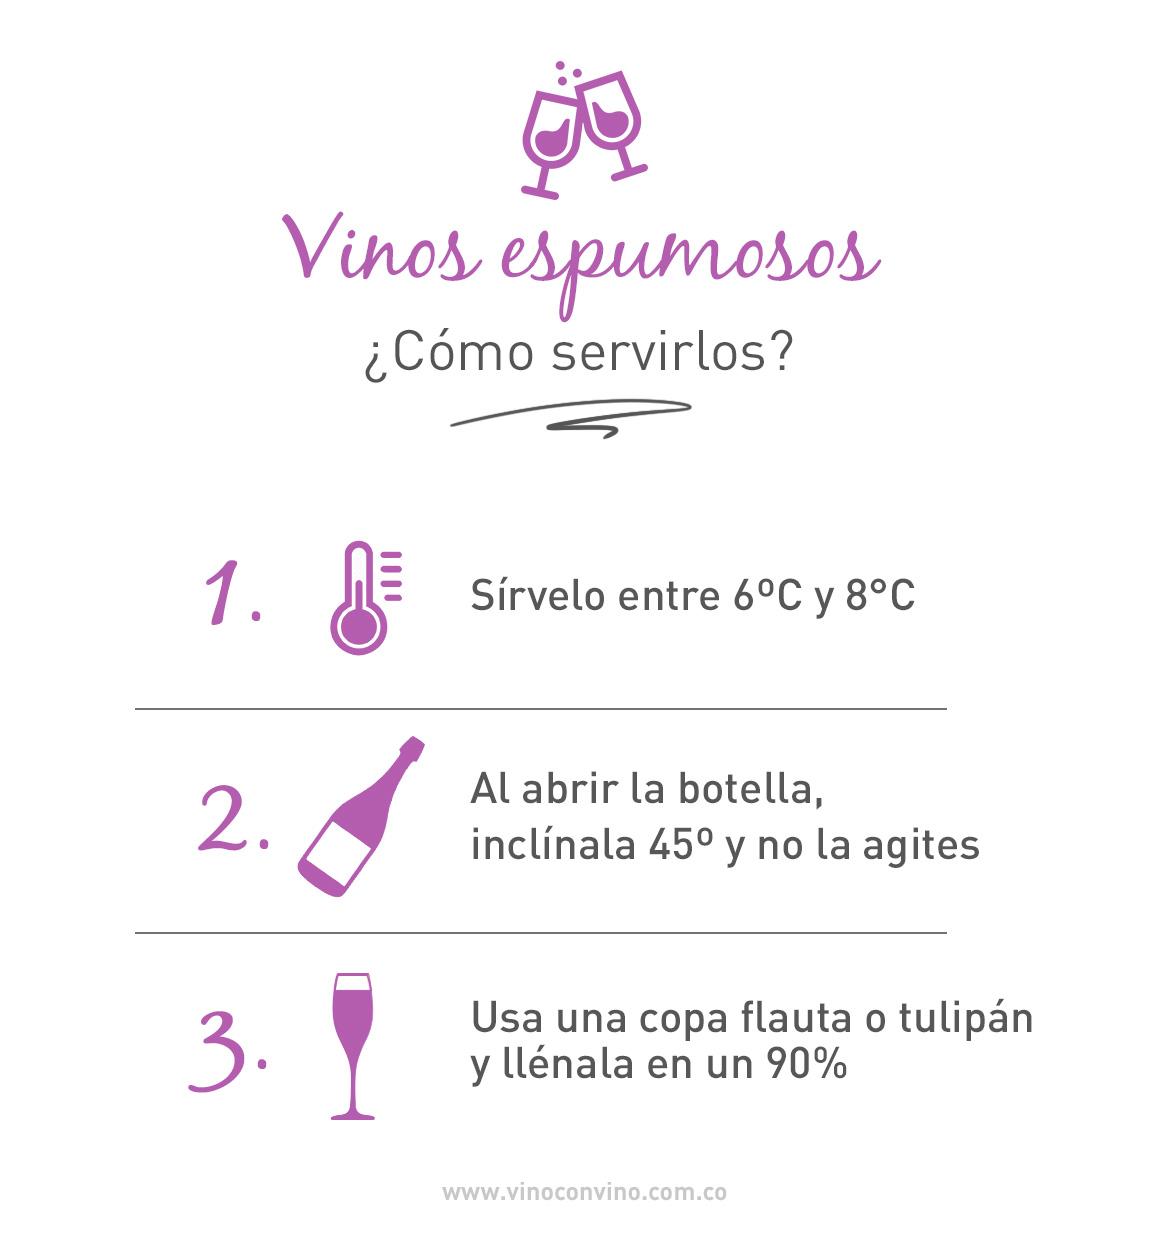 Forma correcta de servir los vinos espumosos